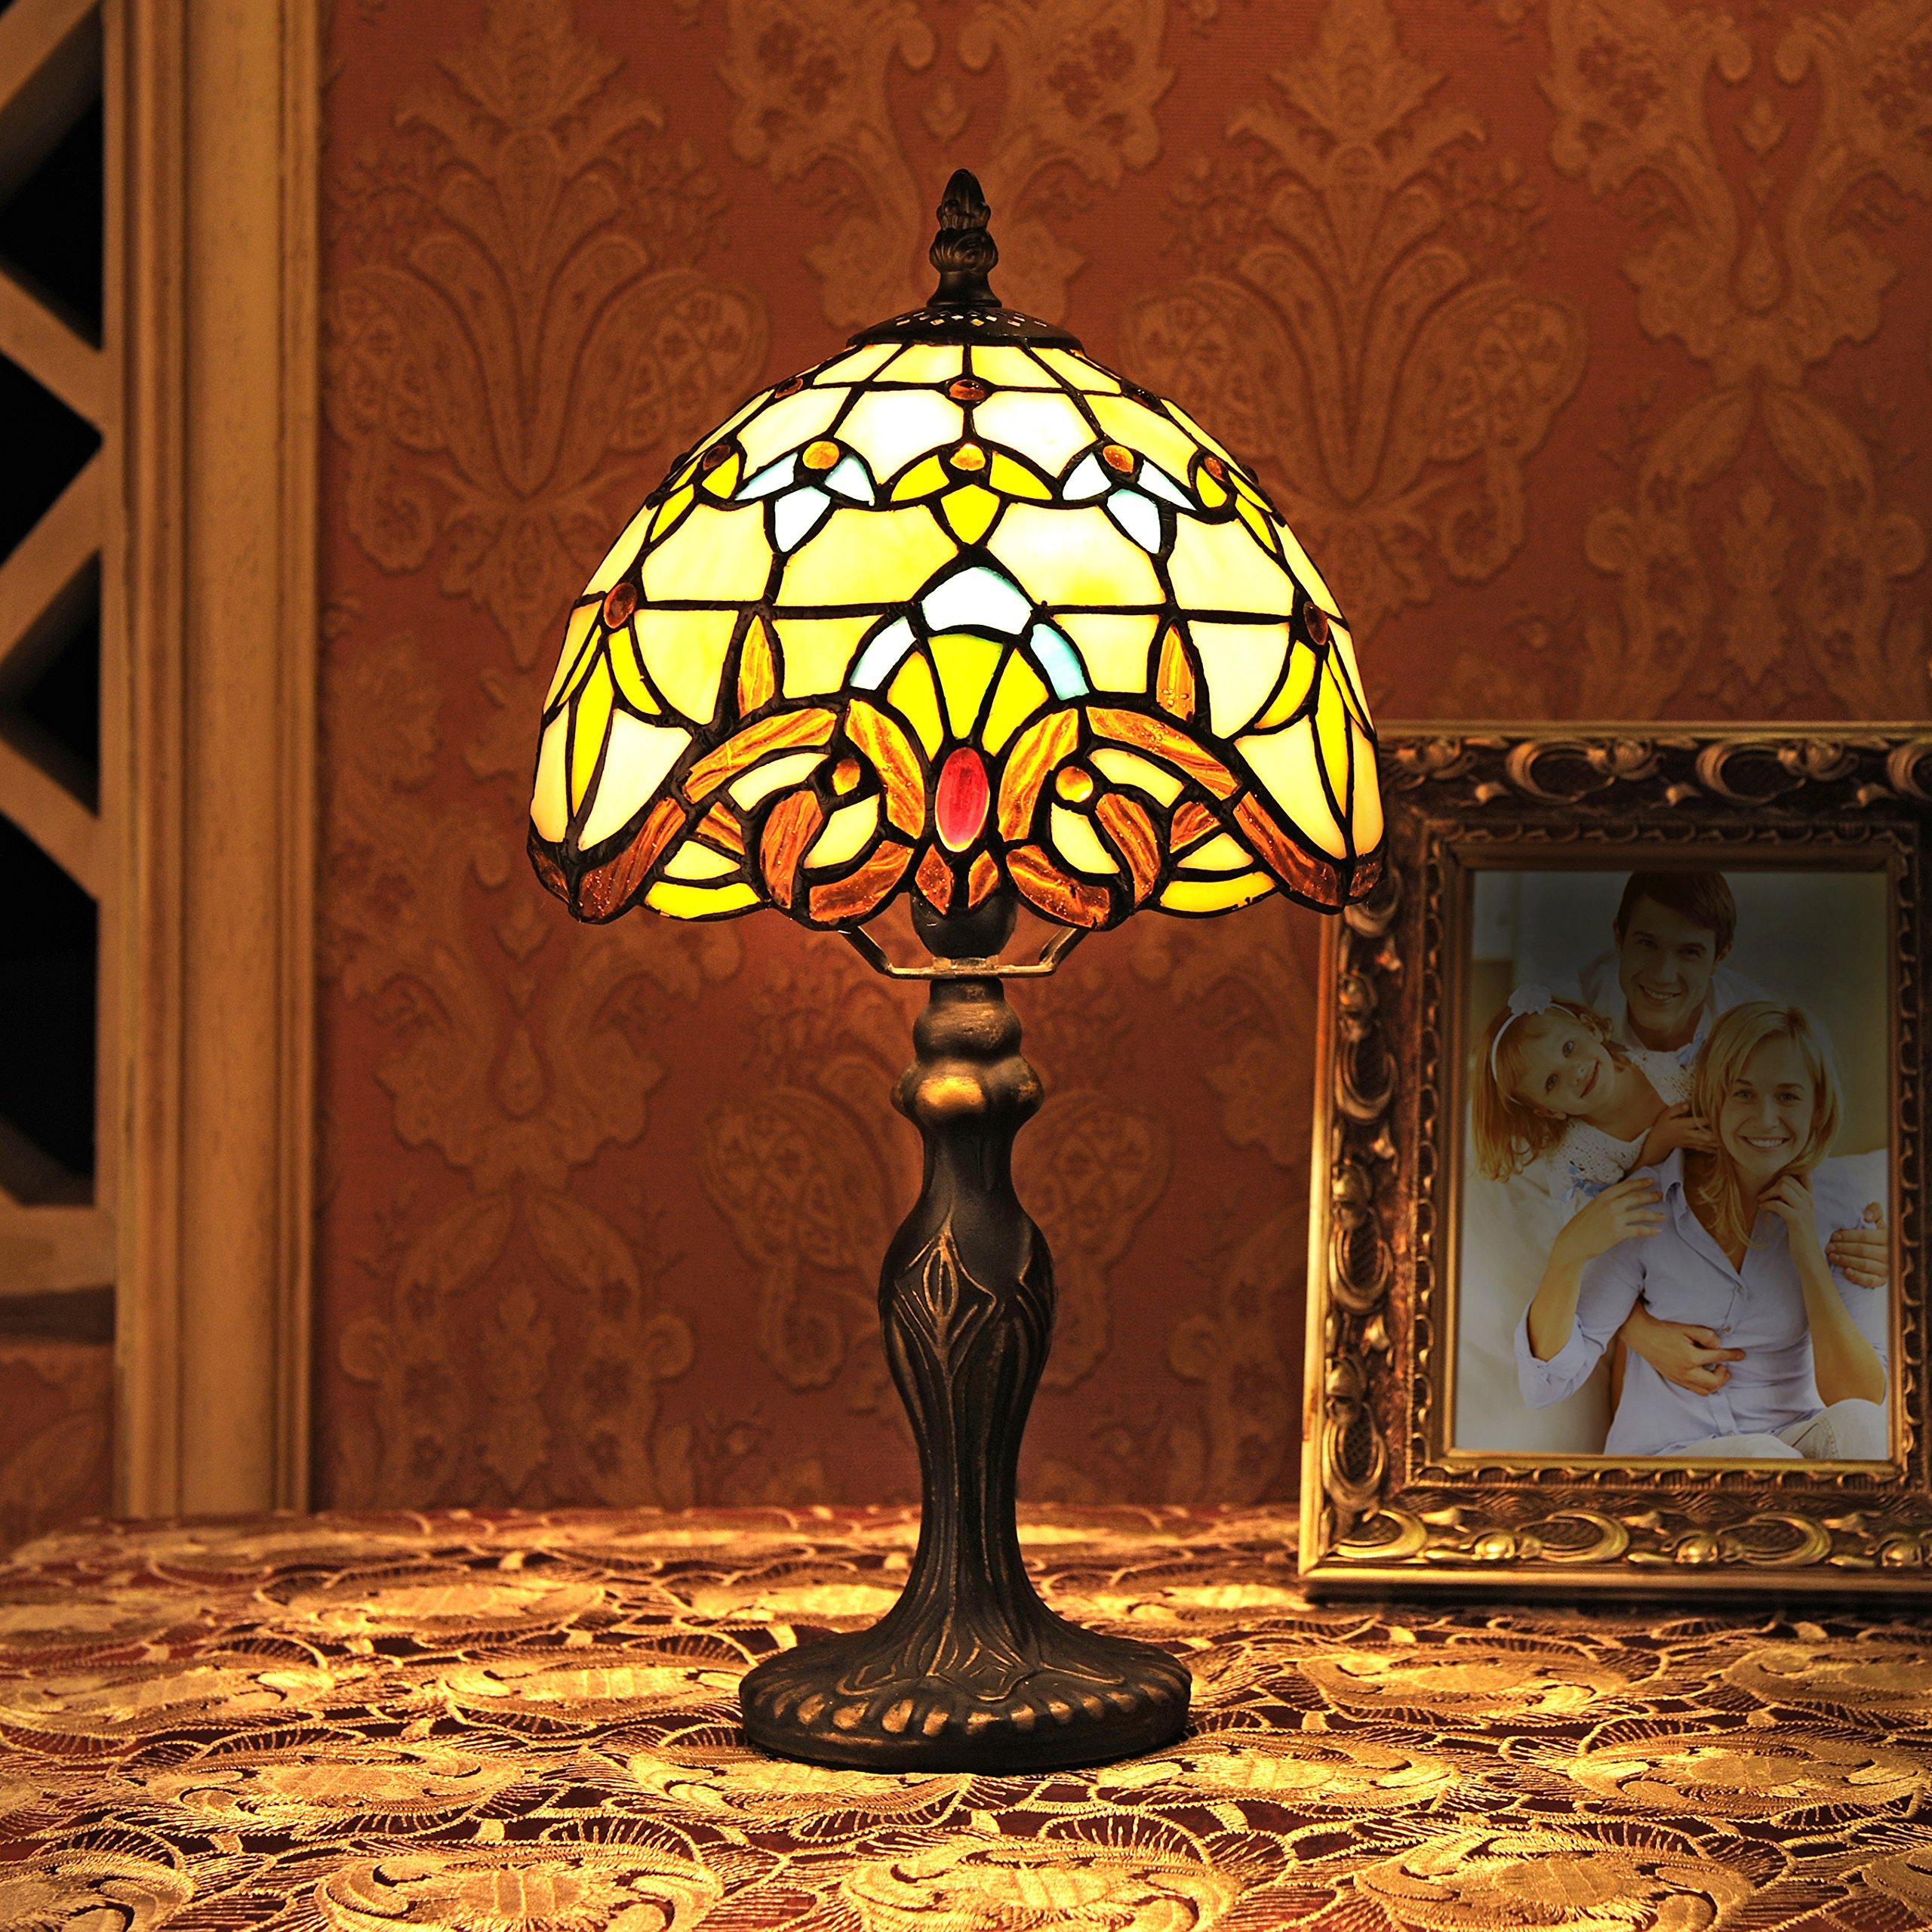 Le luci adatte ad illuminare casa